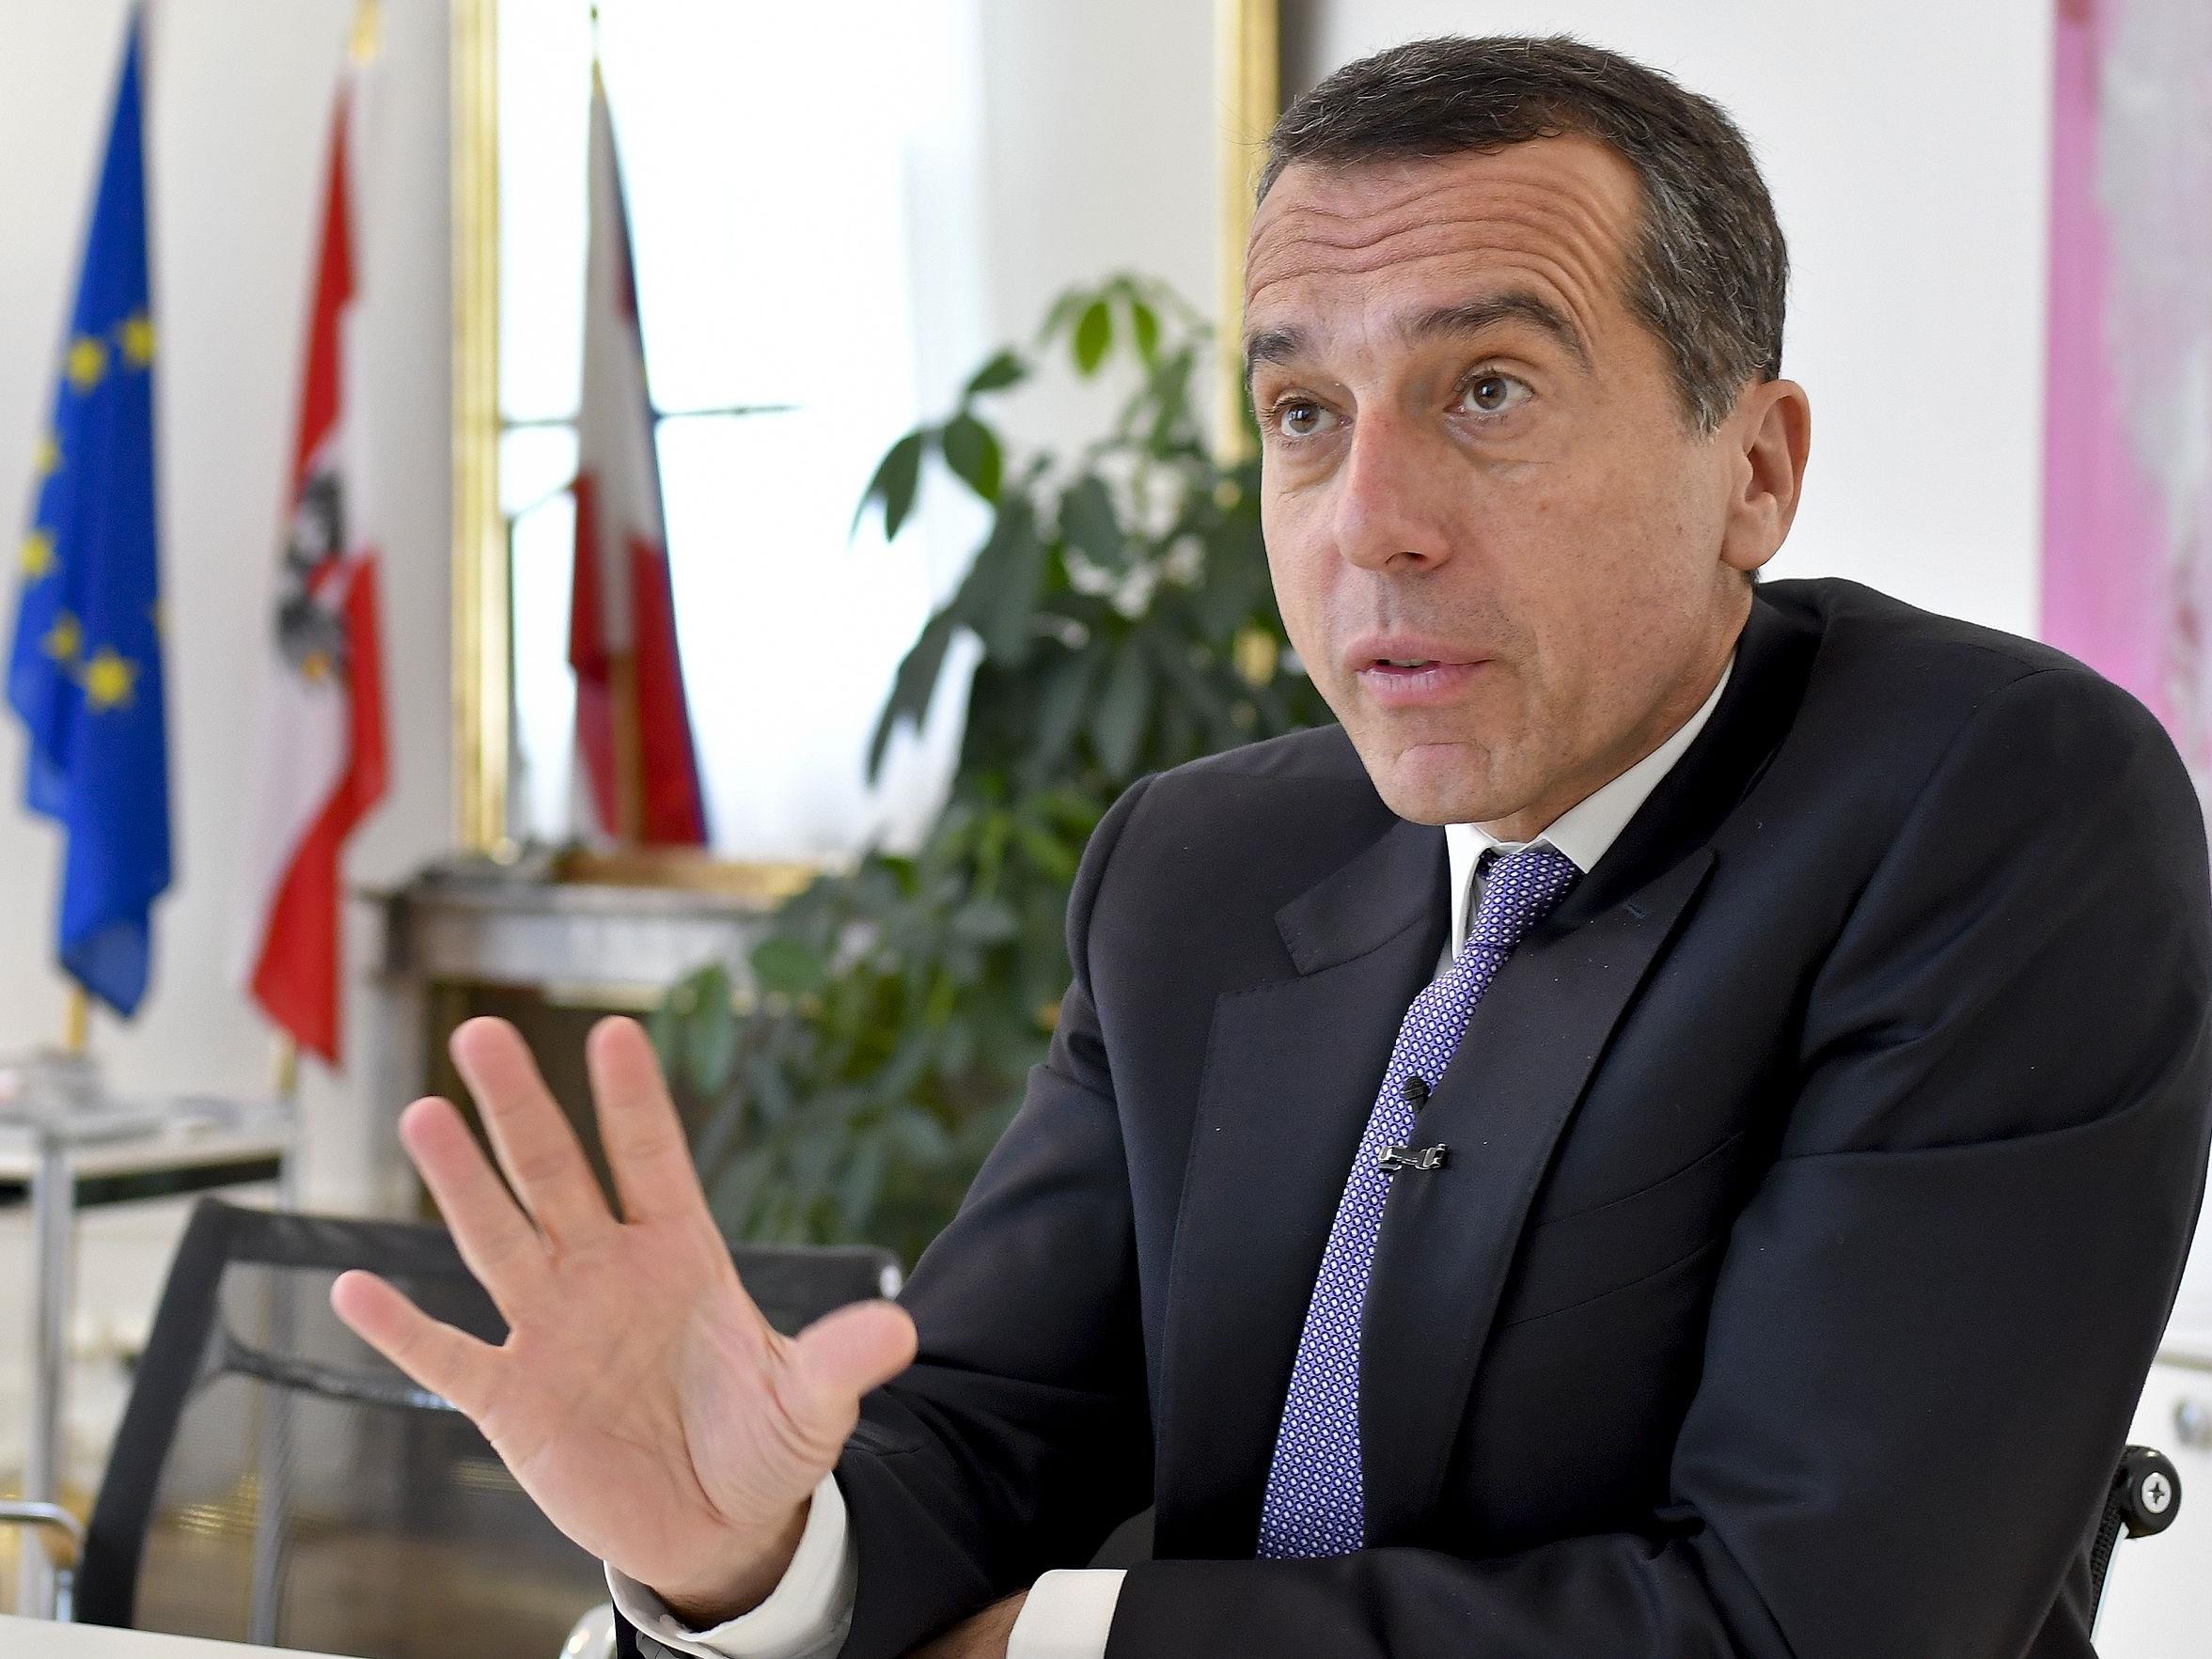 Bundeskanzler Christian Kern über die großen SPÖ-Themen für die nächste Regierungsperiode.